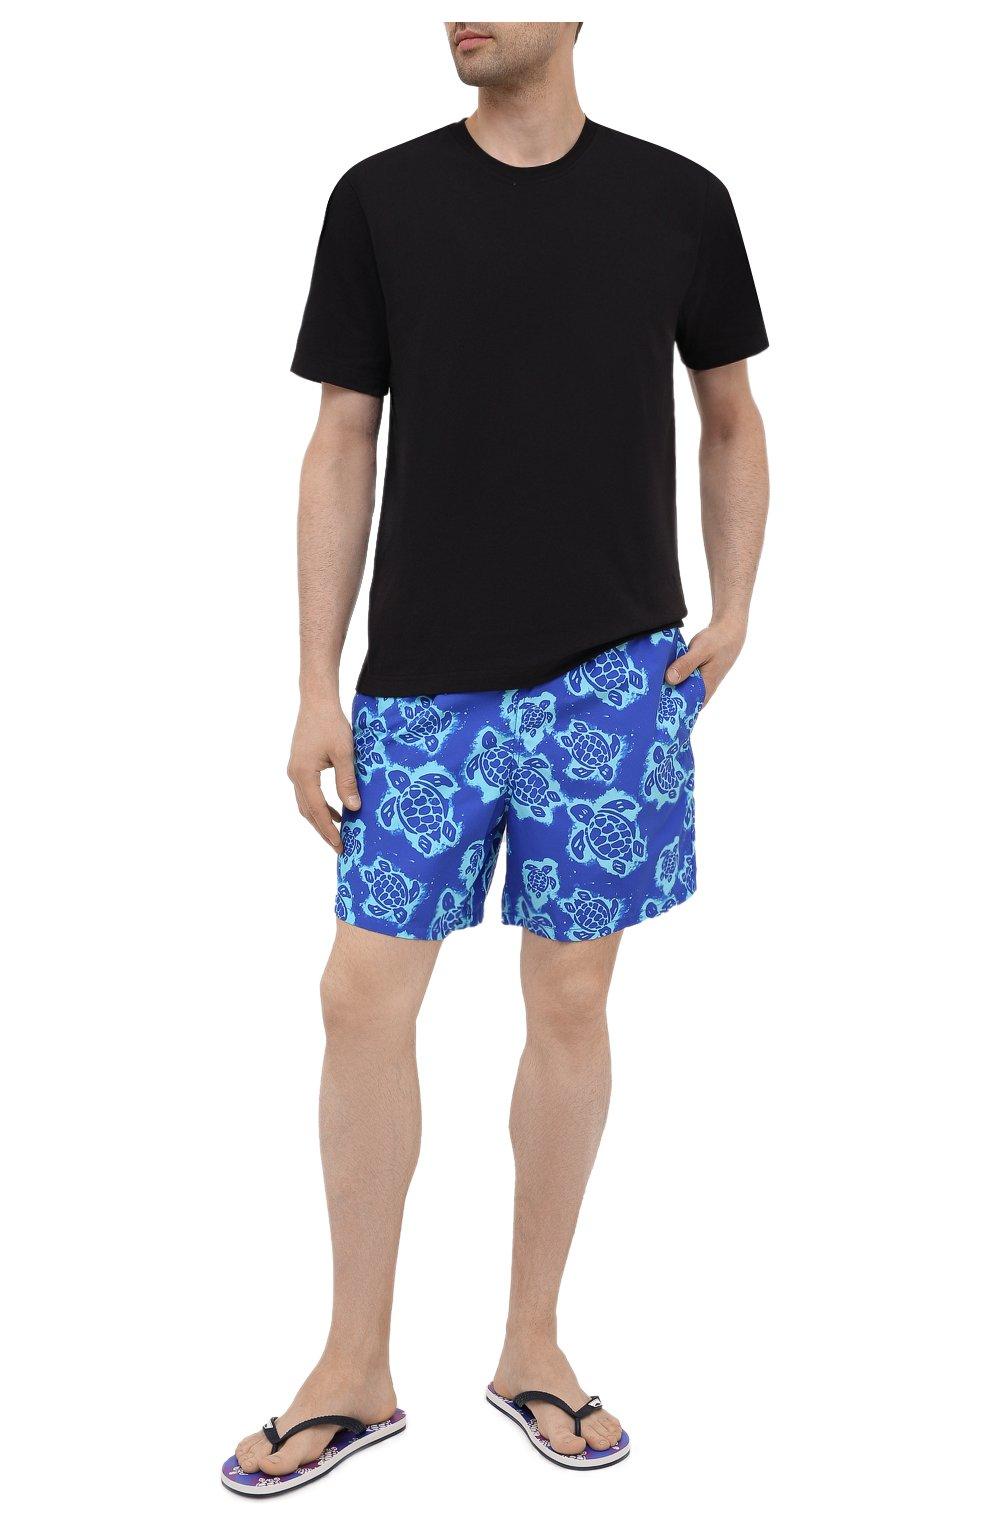 Мужские плавки-шорты VILEBREQUIN синего цвета, арт. MOOH1B03/314   Фото 2 (Материал внешний: Синтетический материал; Принт: С принтом; Мужское Кросс-КТ: плавки-шорты)